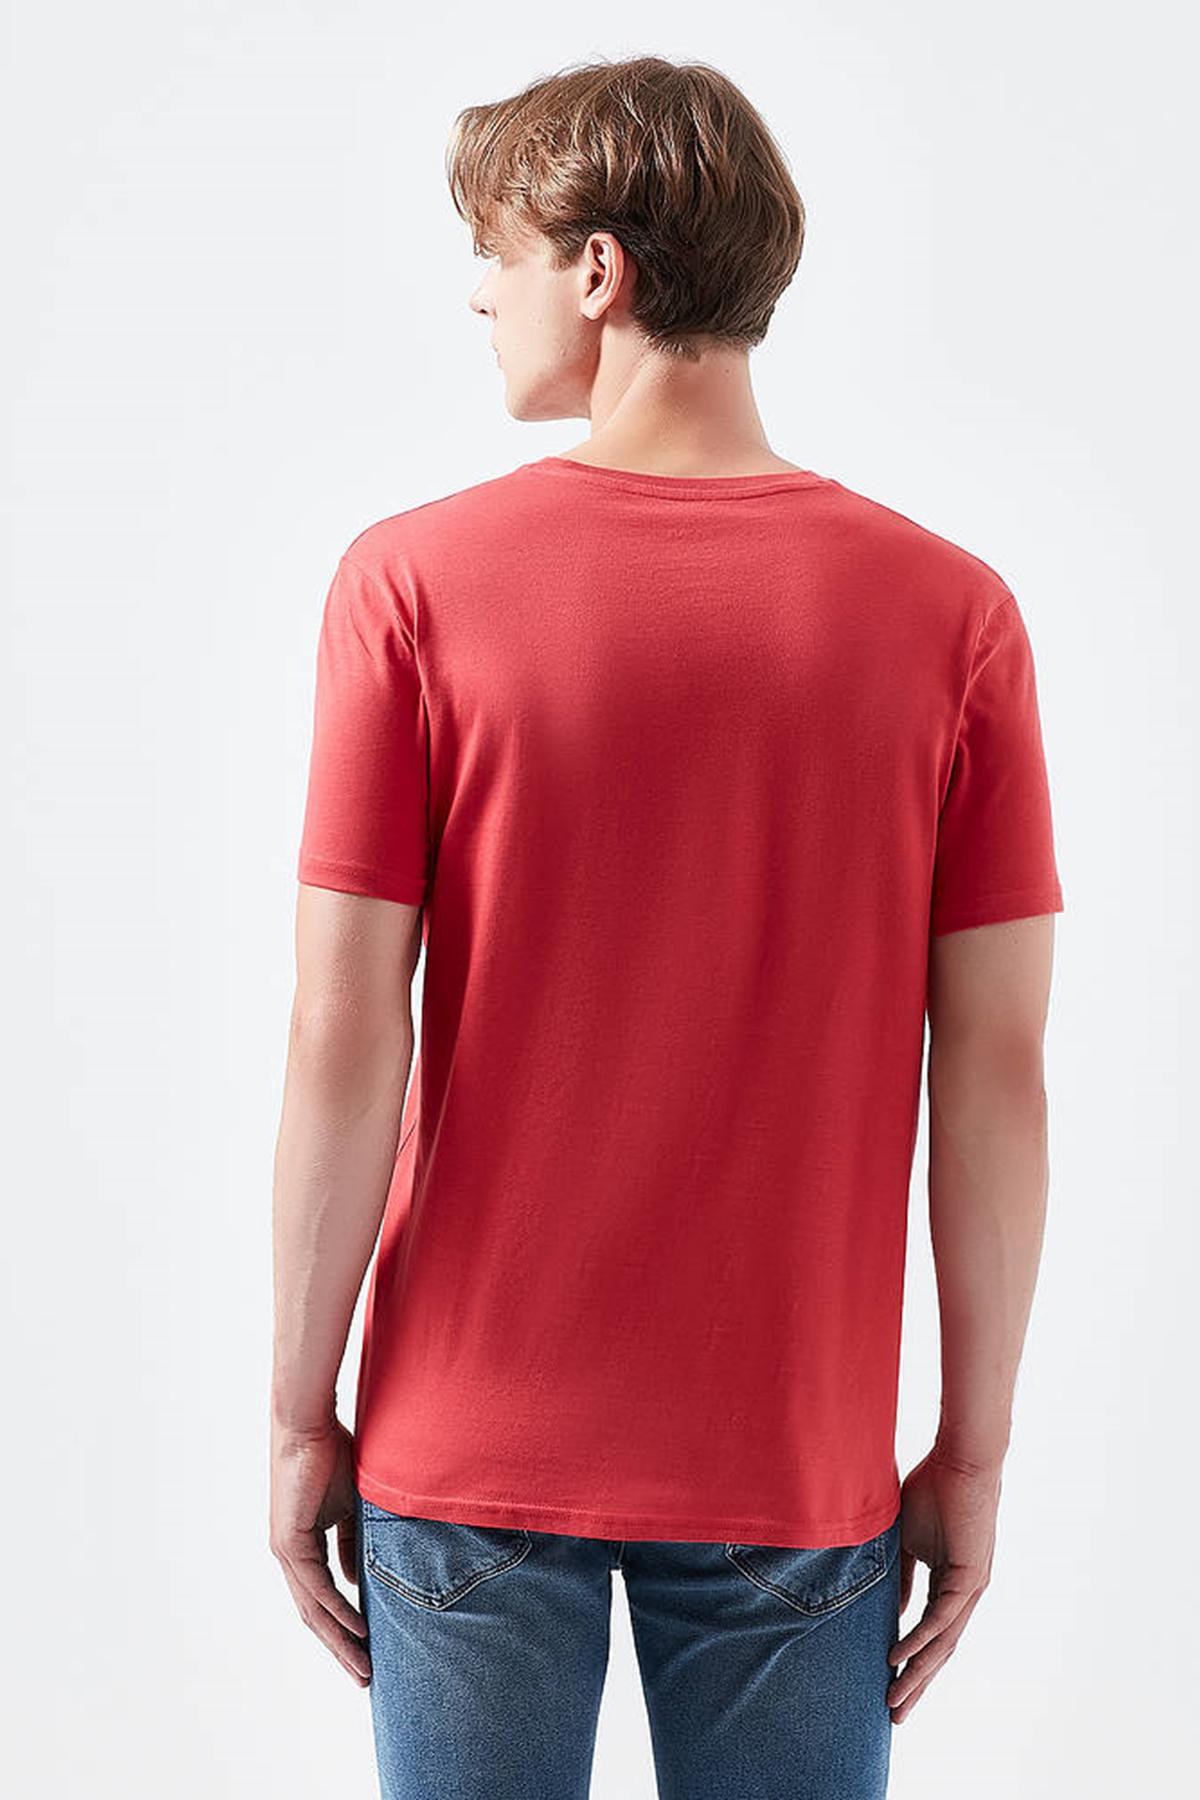 Logo Baskılı Tişört Canlı Kırmızı